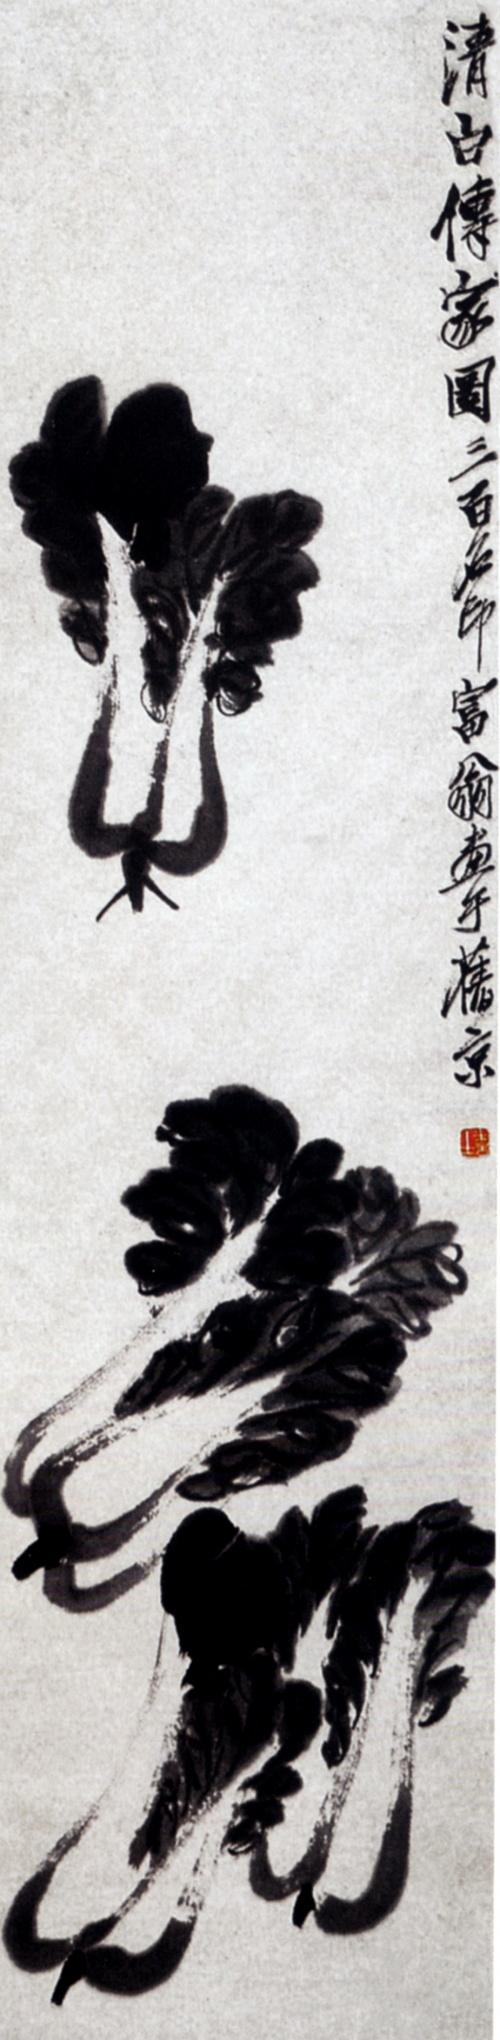 Ци Бай-ши (1860-1957) - китайский живописец (222 работ)